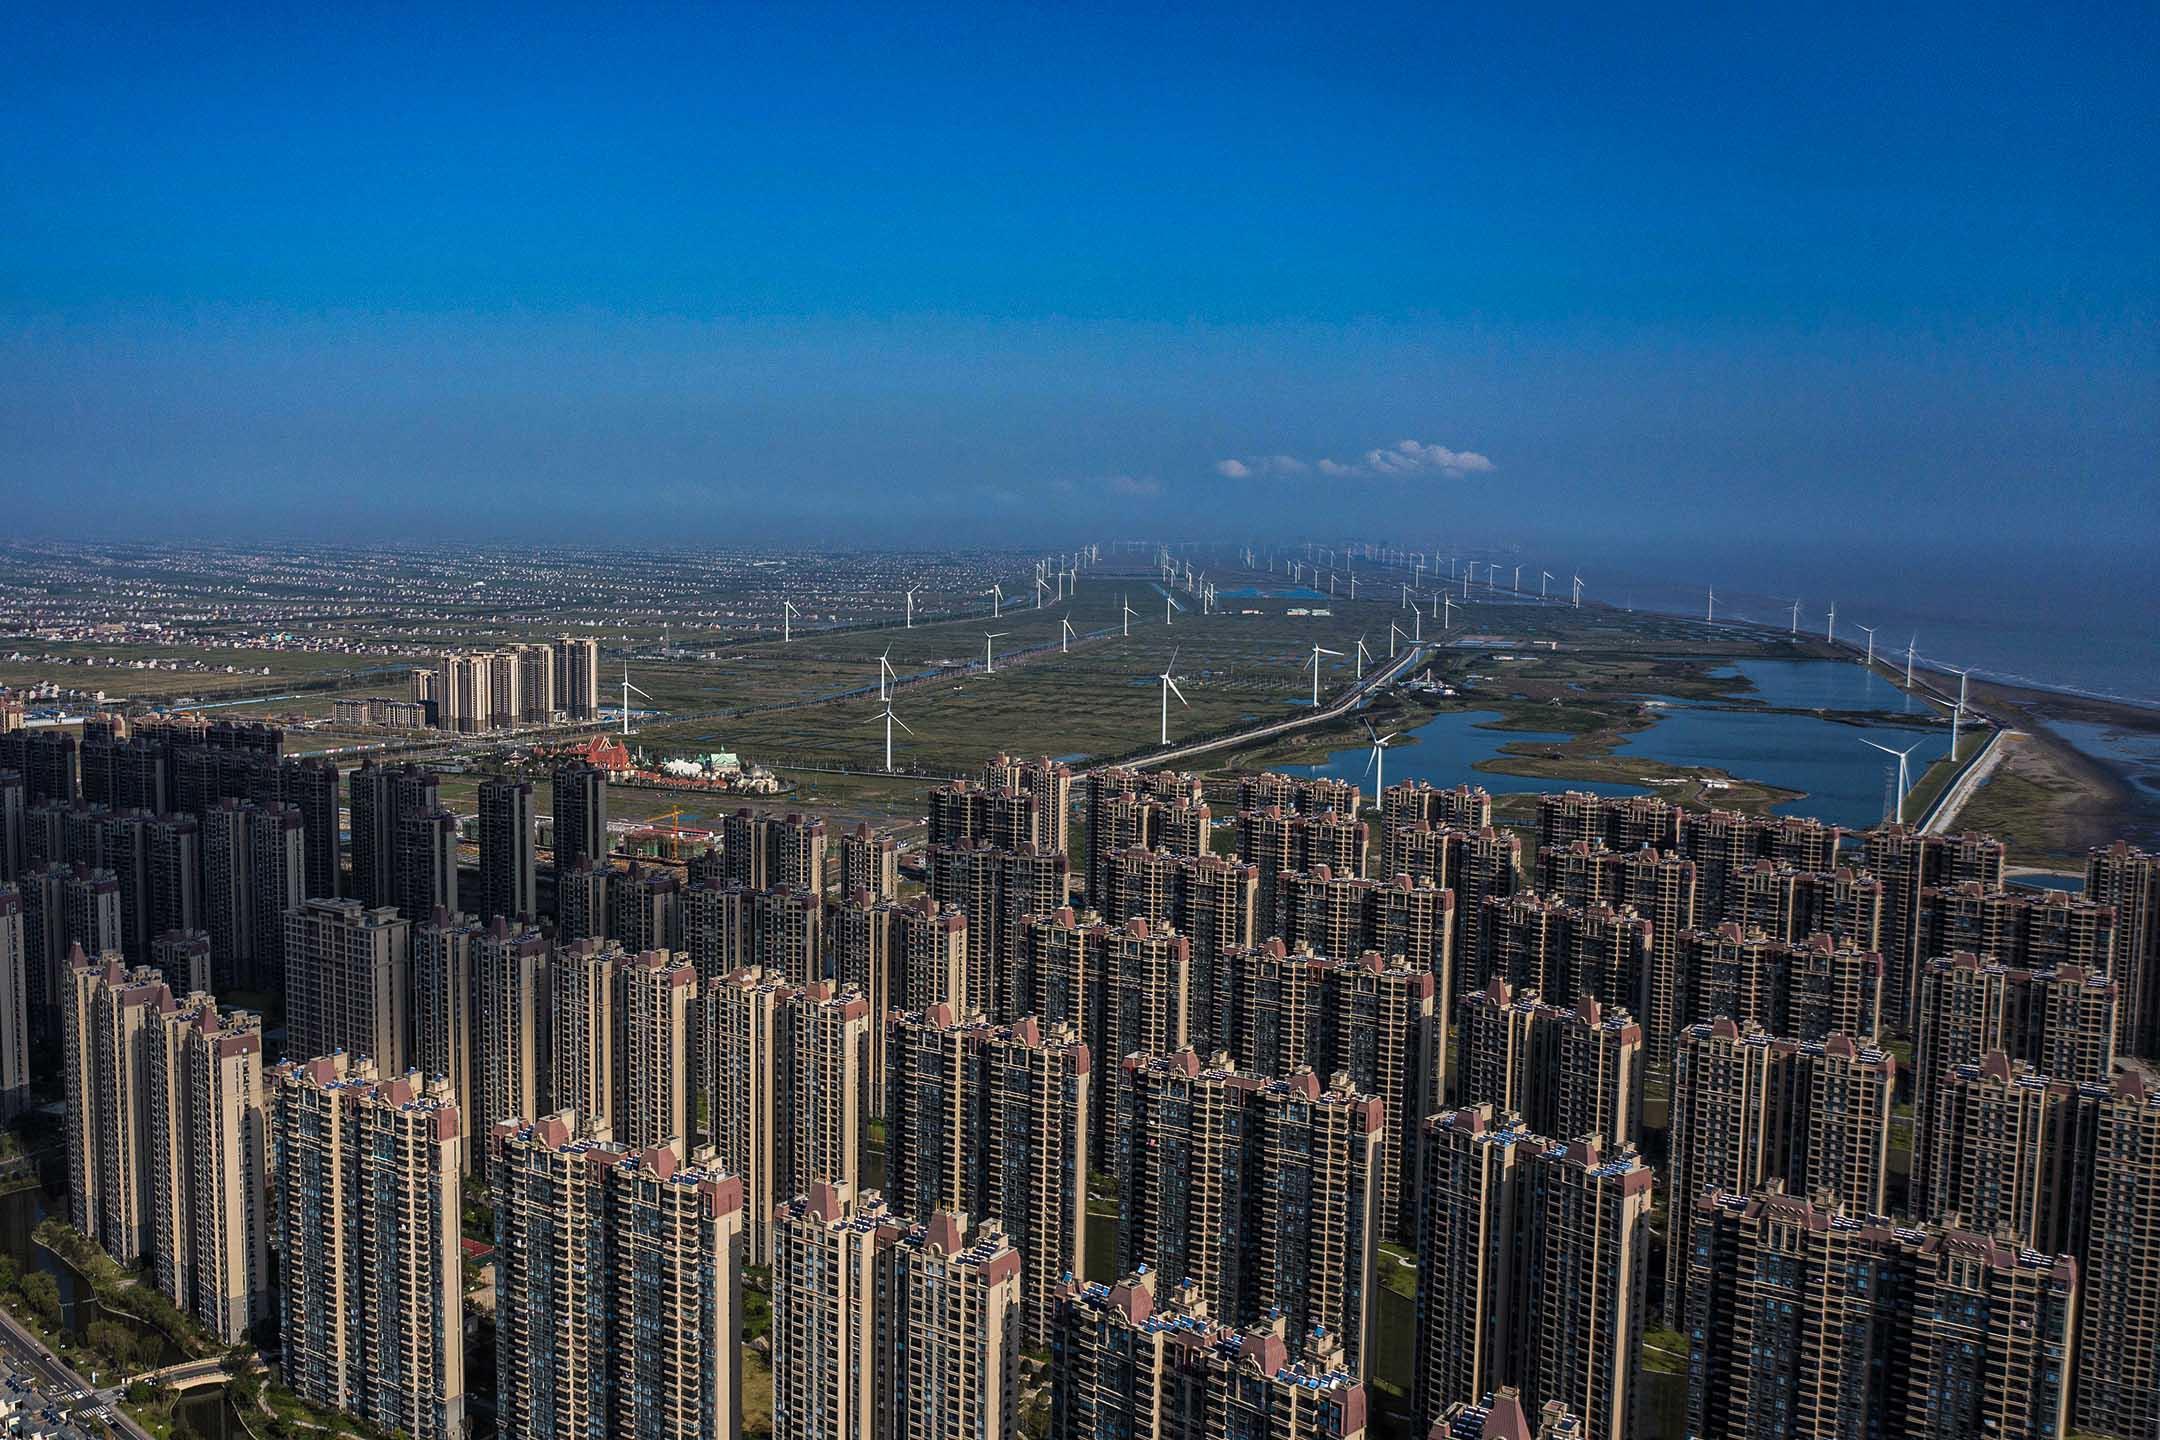 2021年9月21日中國江蘇啟東市,中國恆大集團旗下威尼斯房地產和旅遊開發項目。